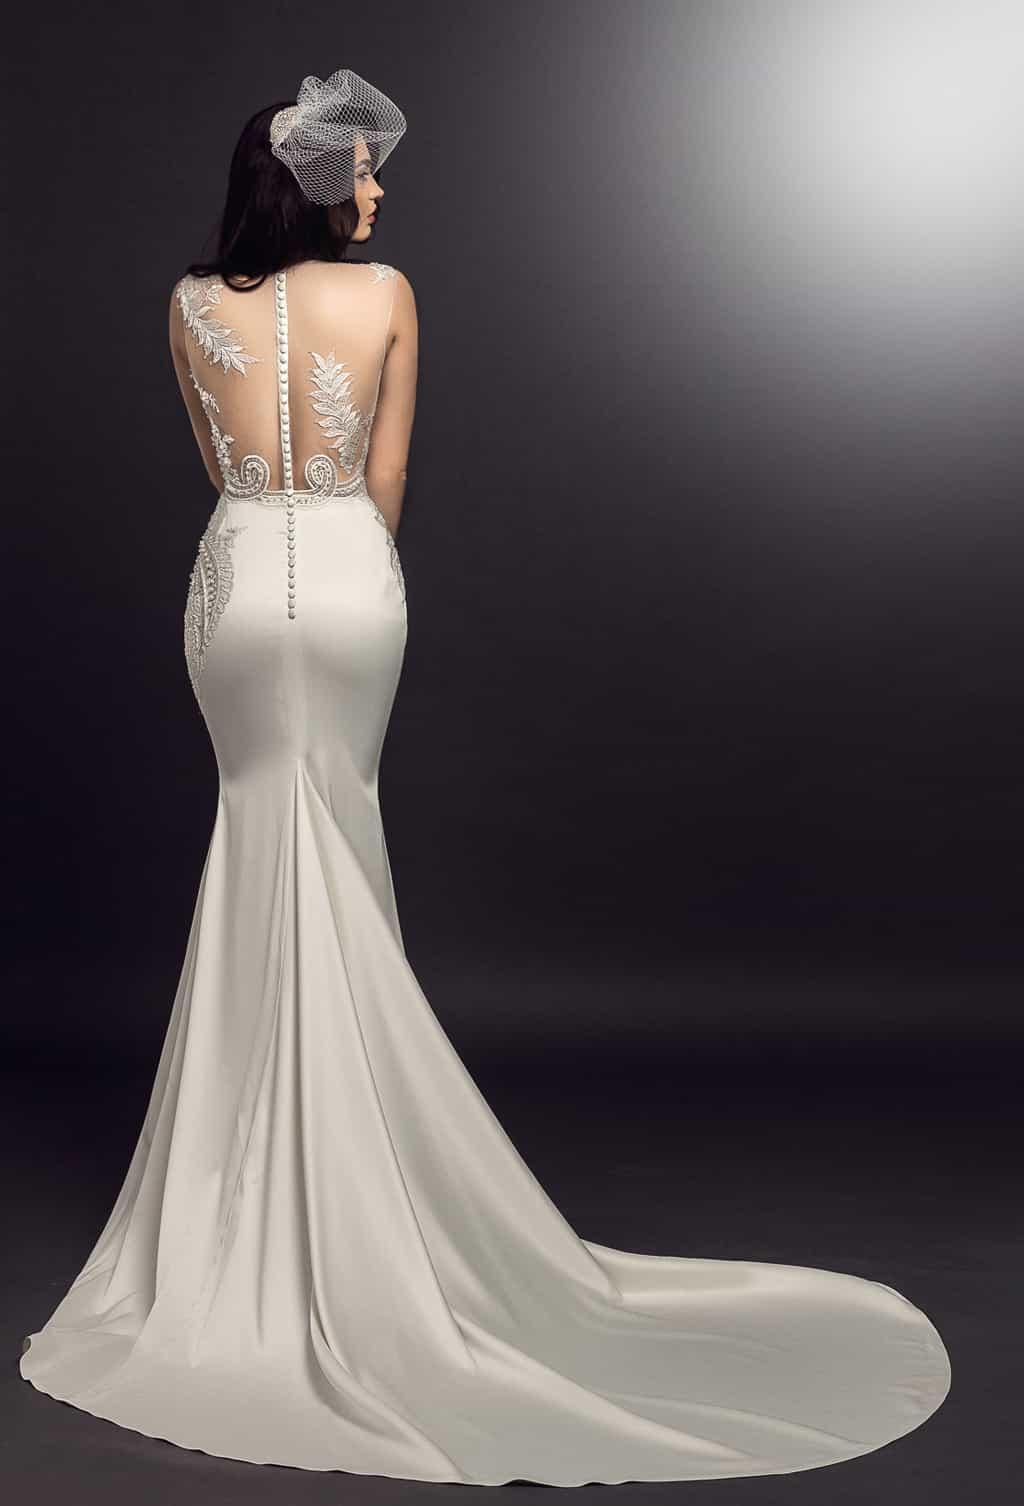 Rochie de mireasa Phoenix Model - Colectia Dreams - Adora Sposa (2)